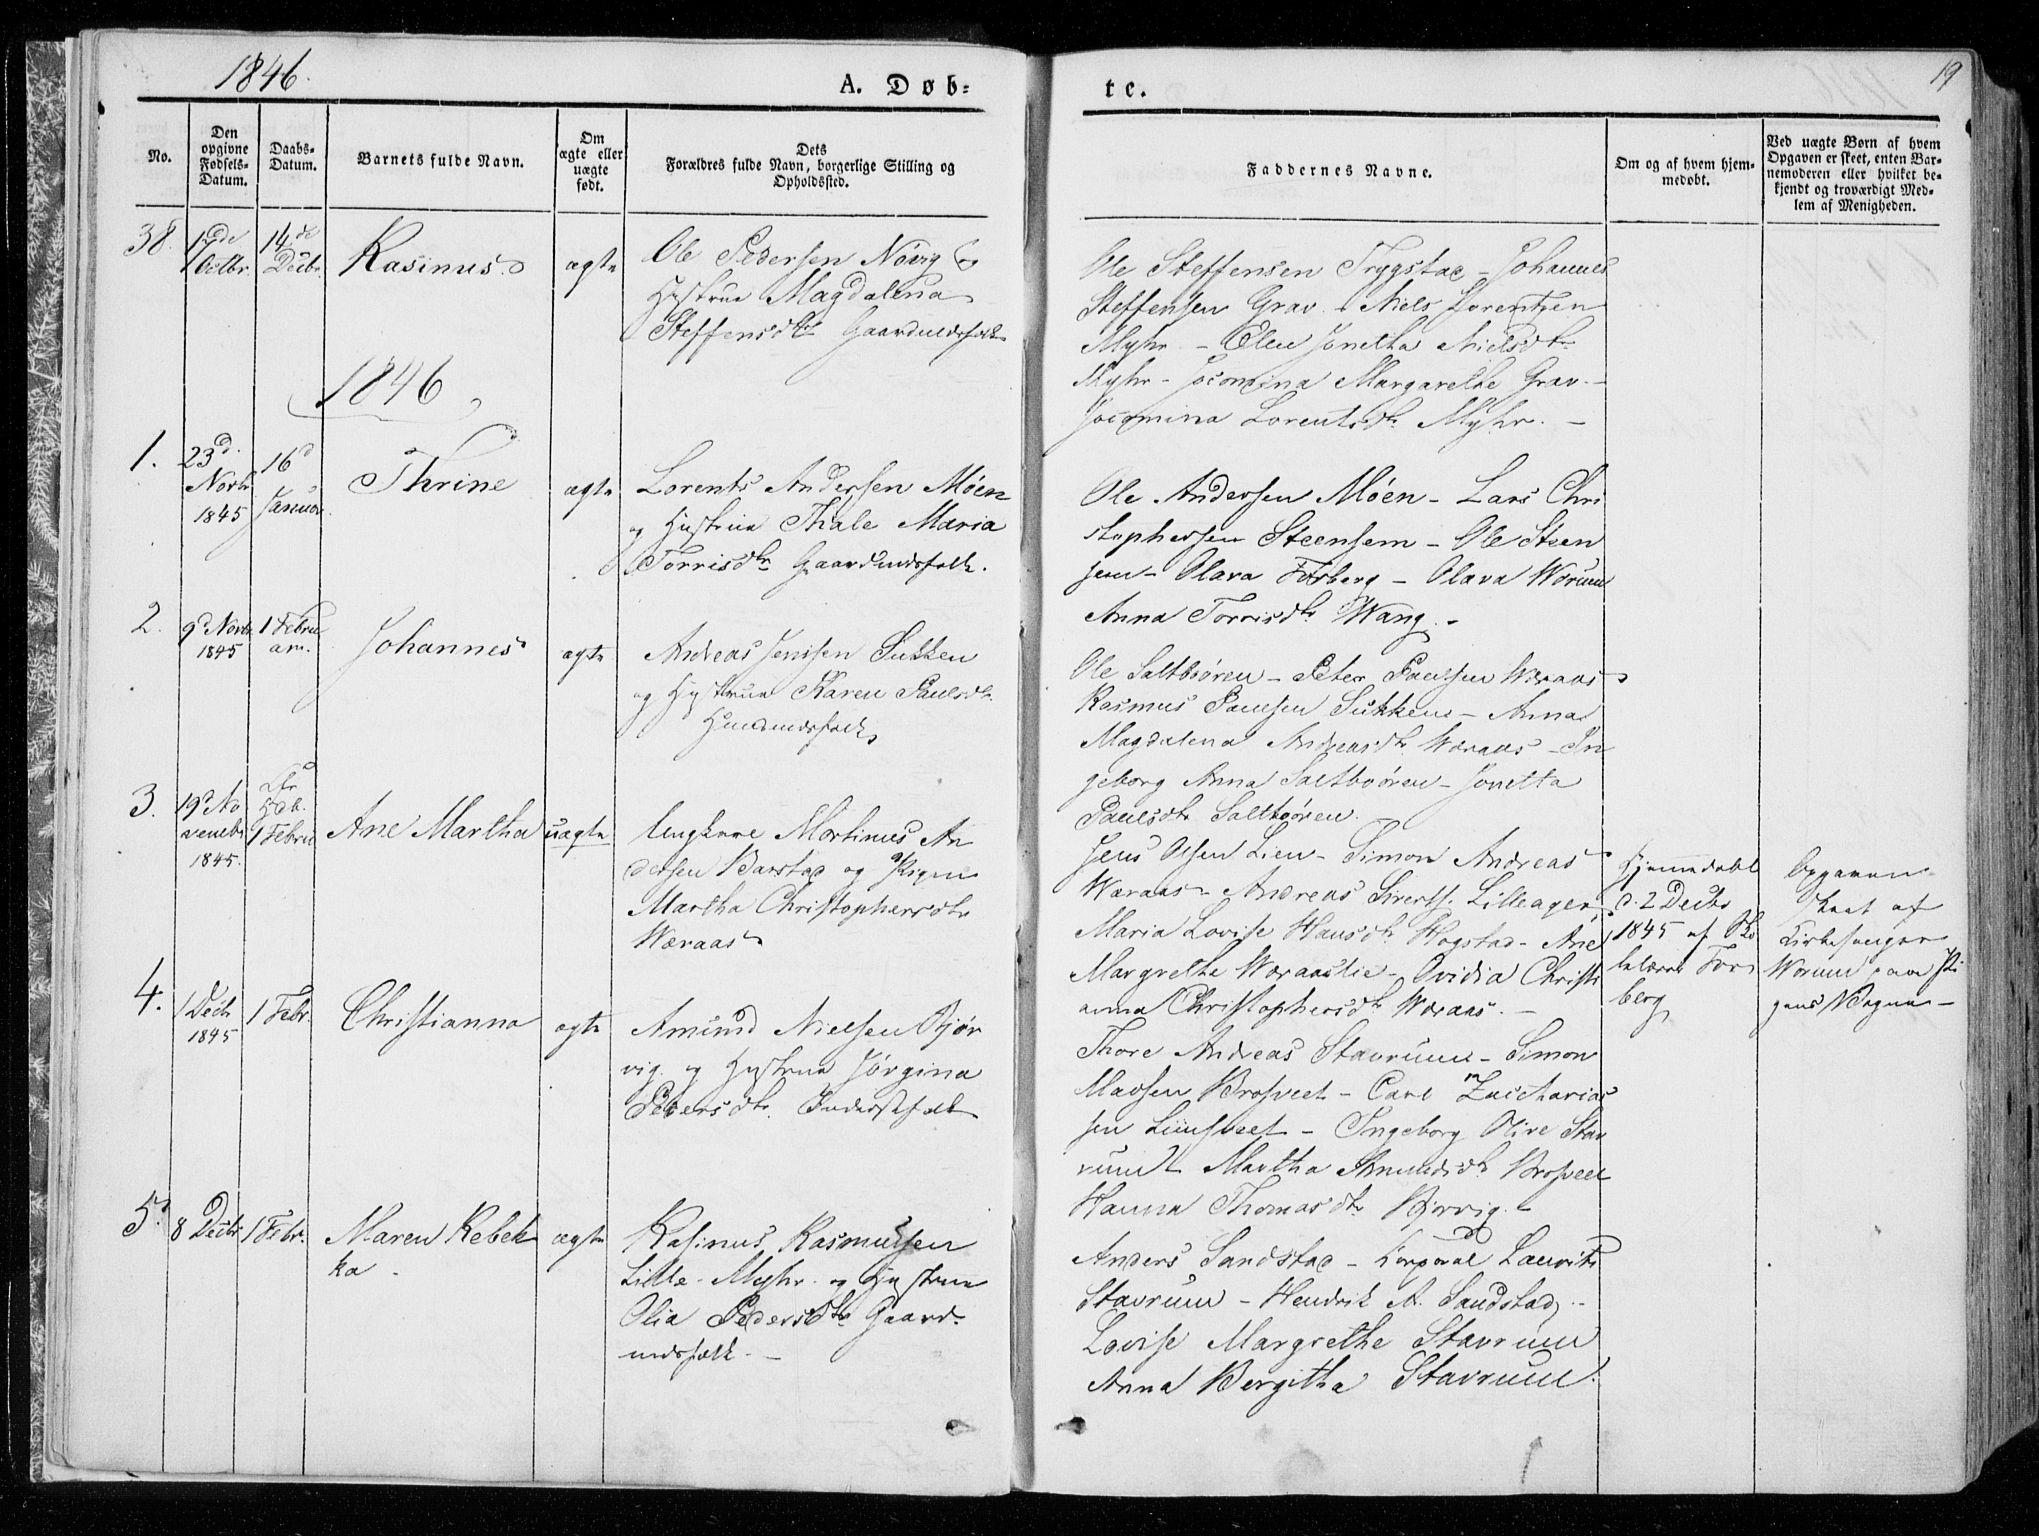 SAT, Ministerialprotokoller, klokkerbøker og fødselsregistre - Nord-Trøndelag, 722/L0218: Ministerialbok nr. 722A05, 1843-1868, s. 19